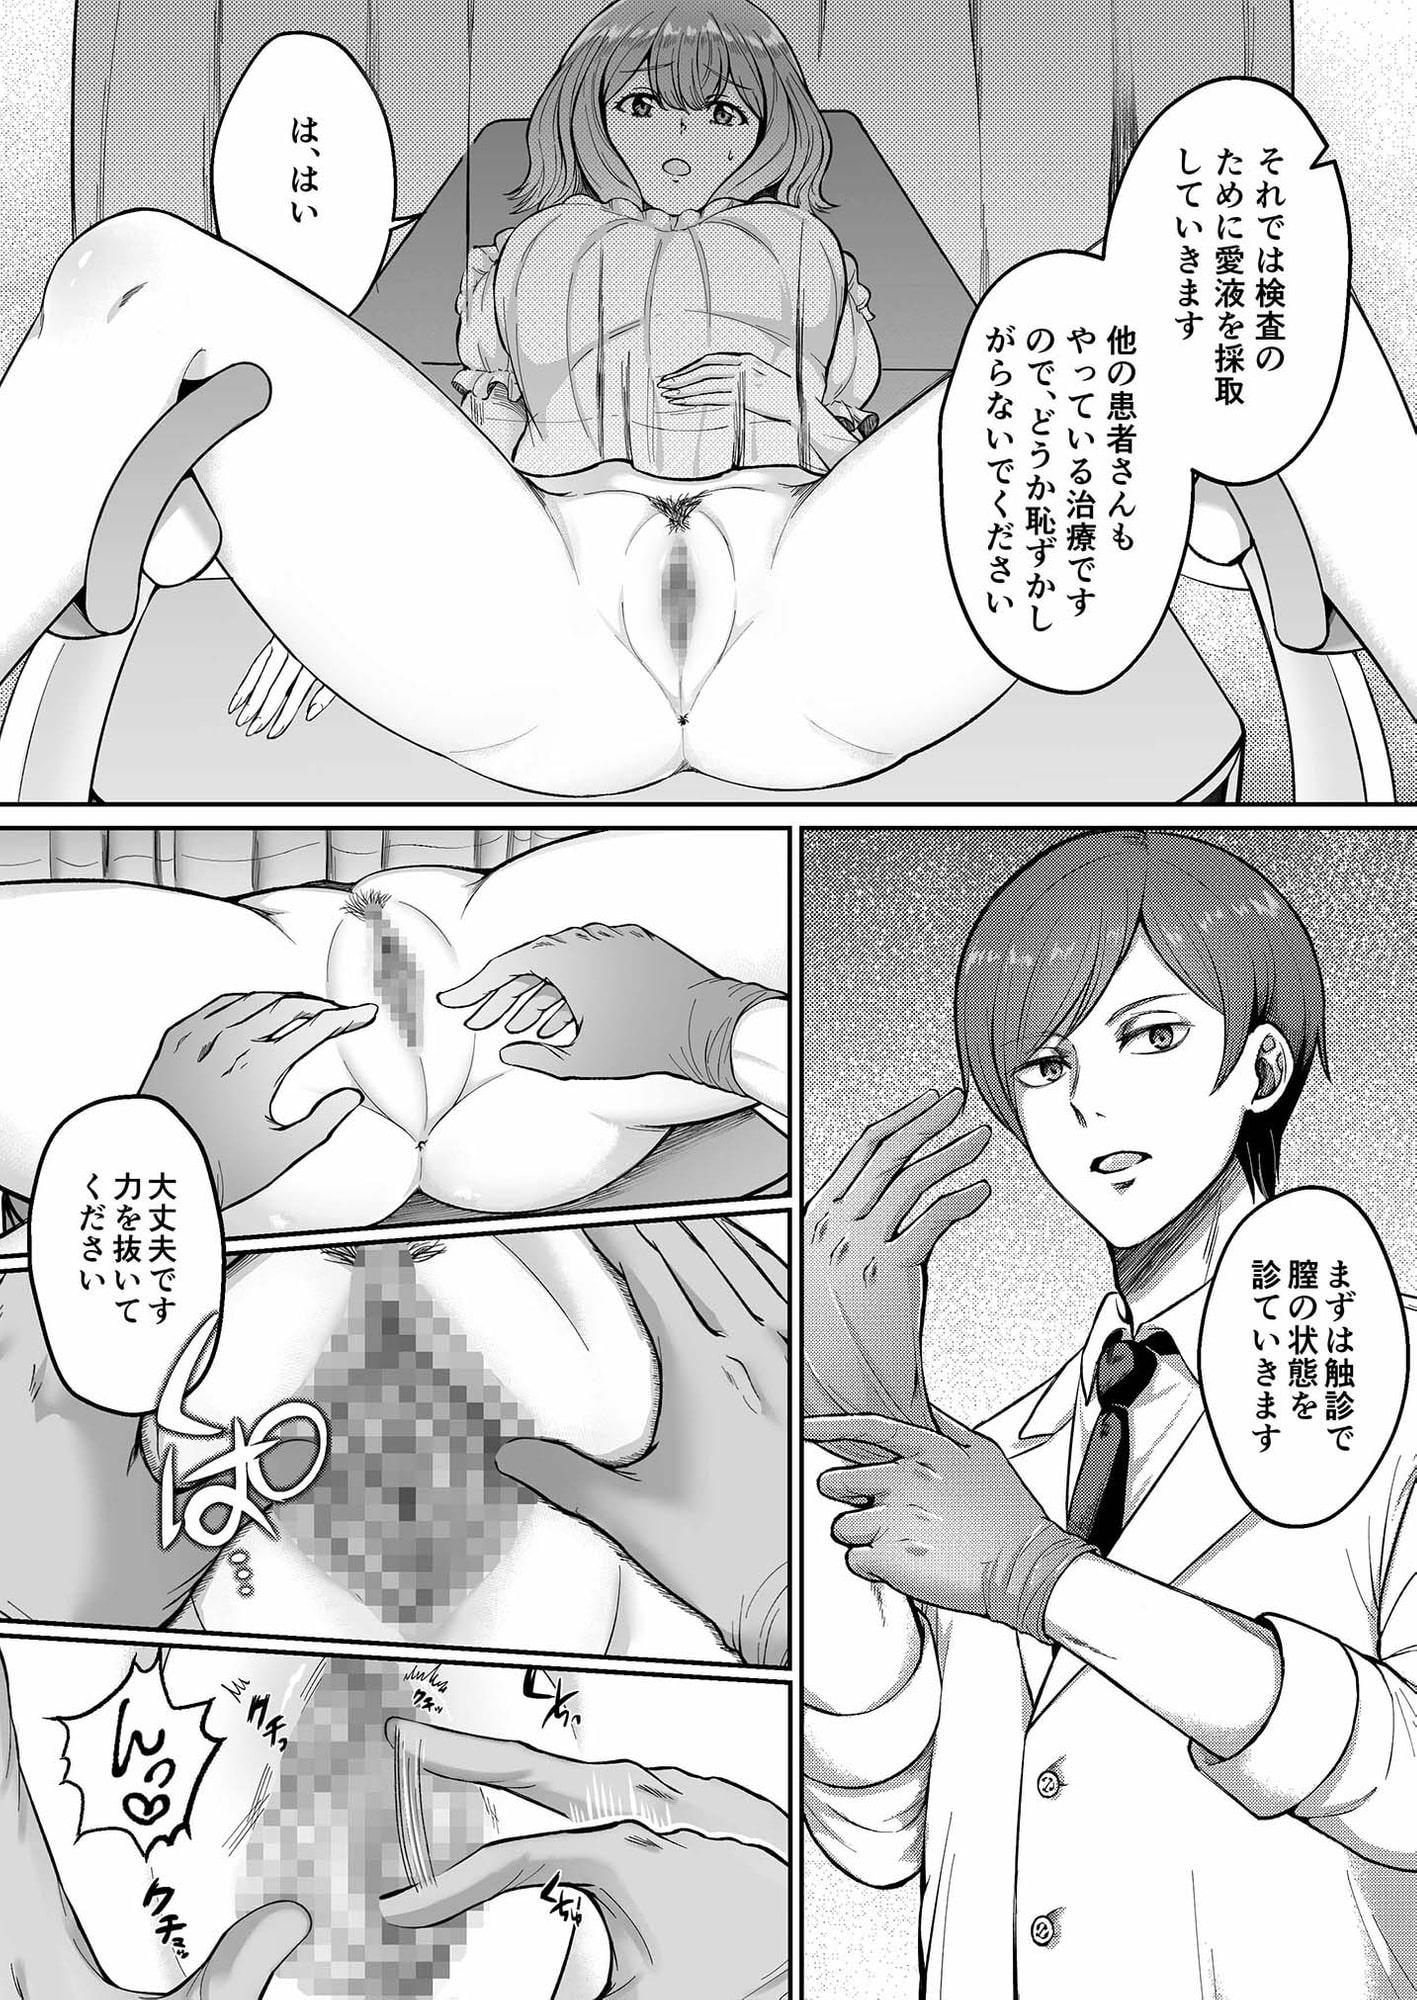 ヘンタイ産婦人科医の不感症治療【コミック版】